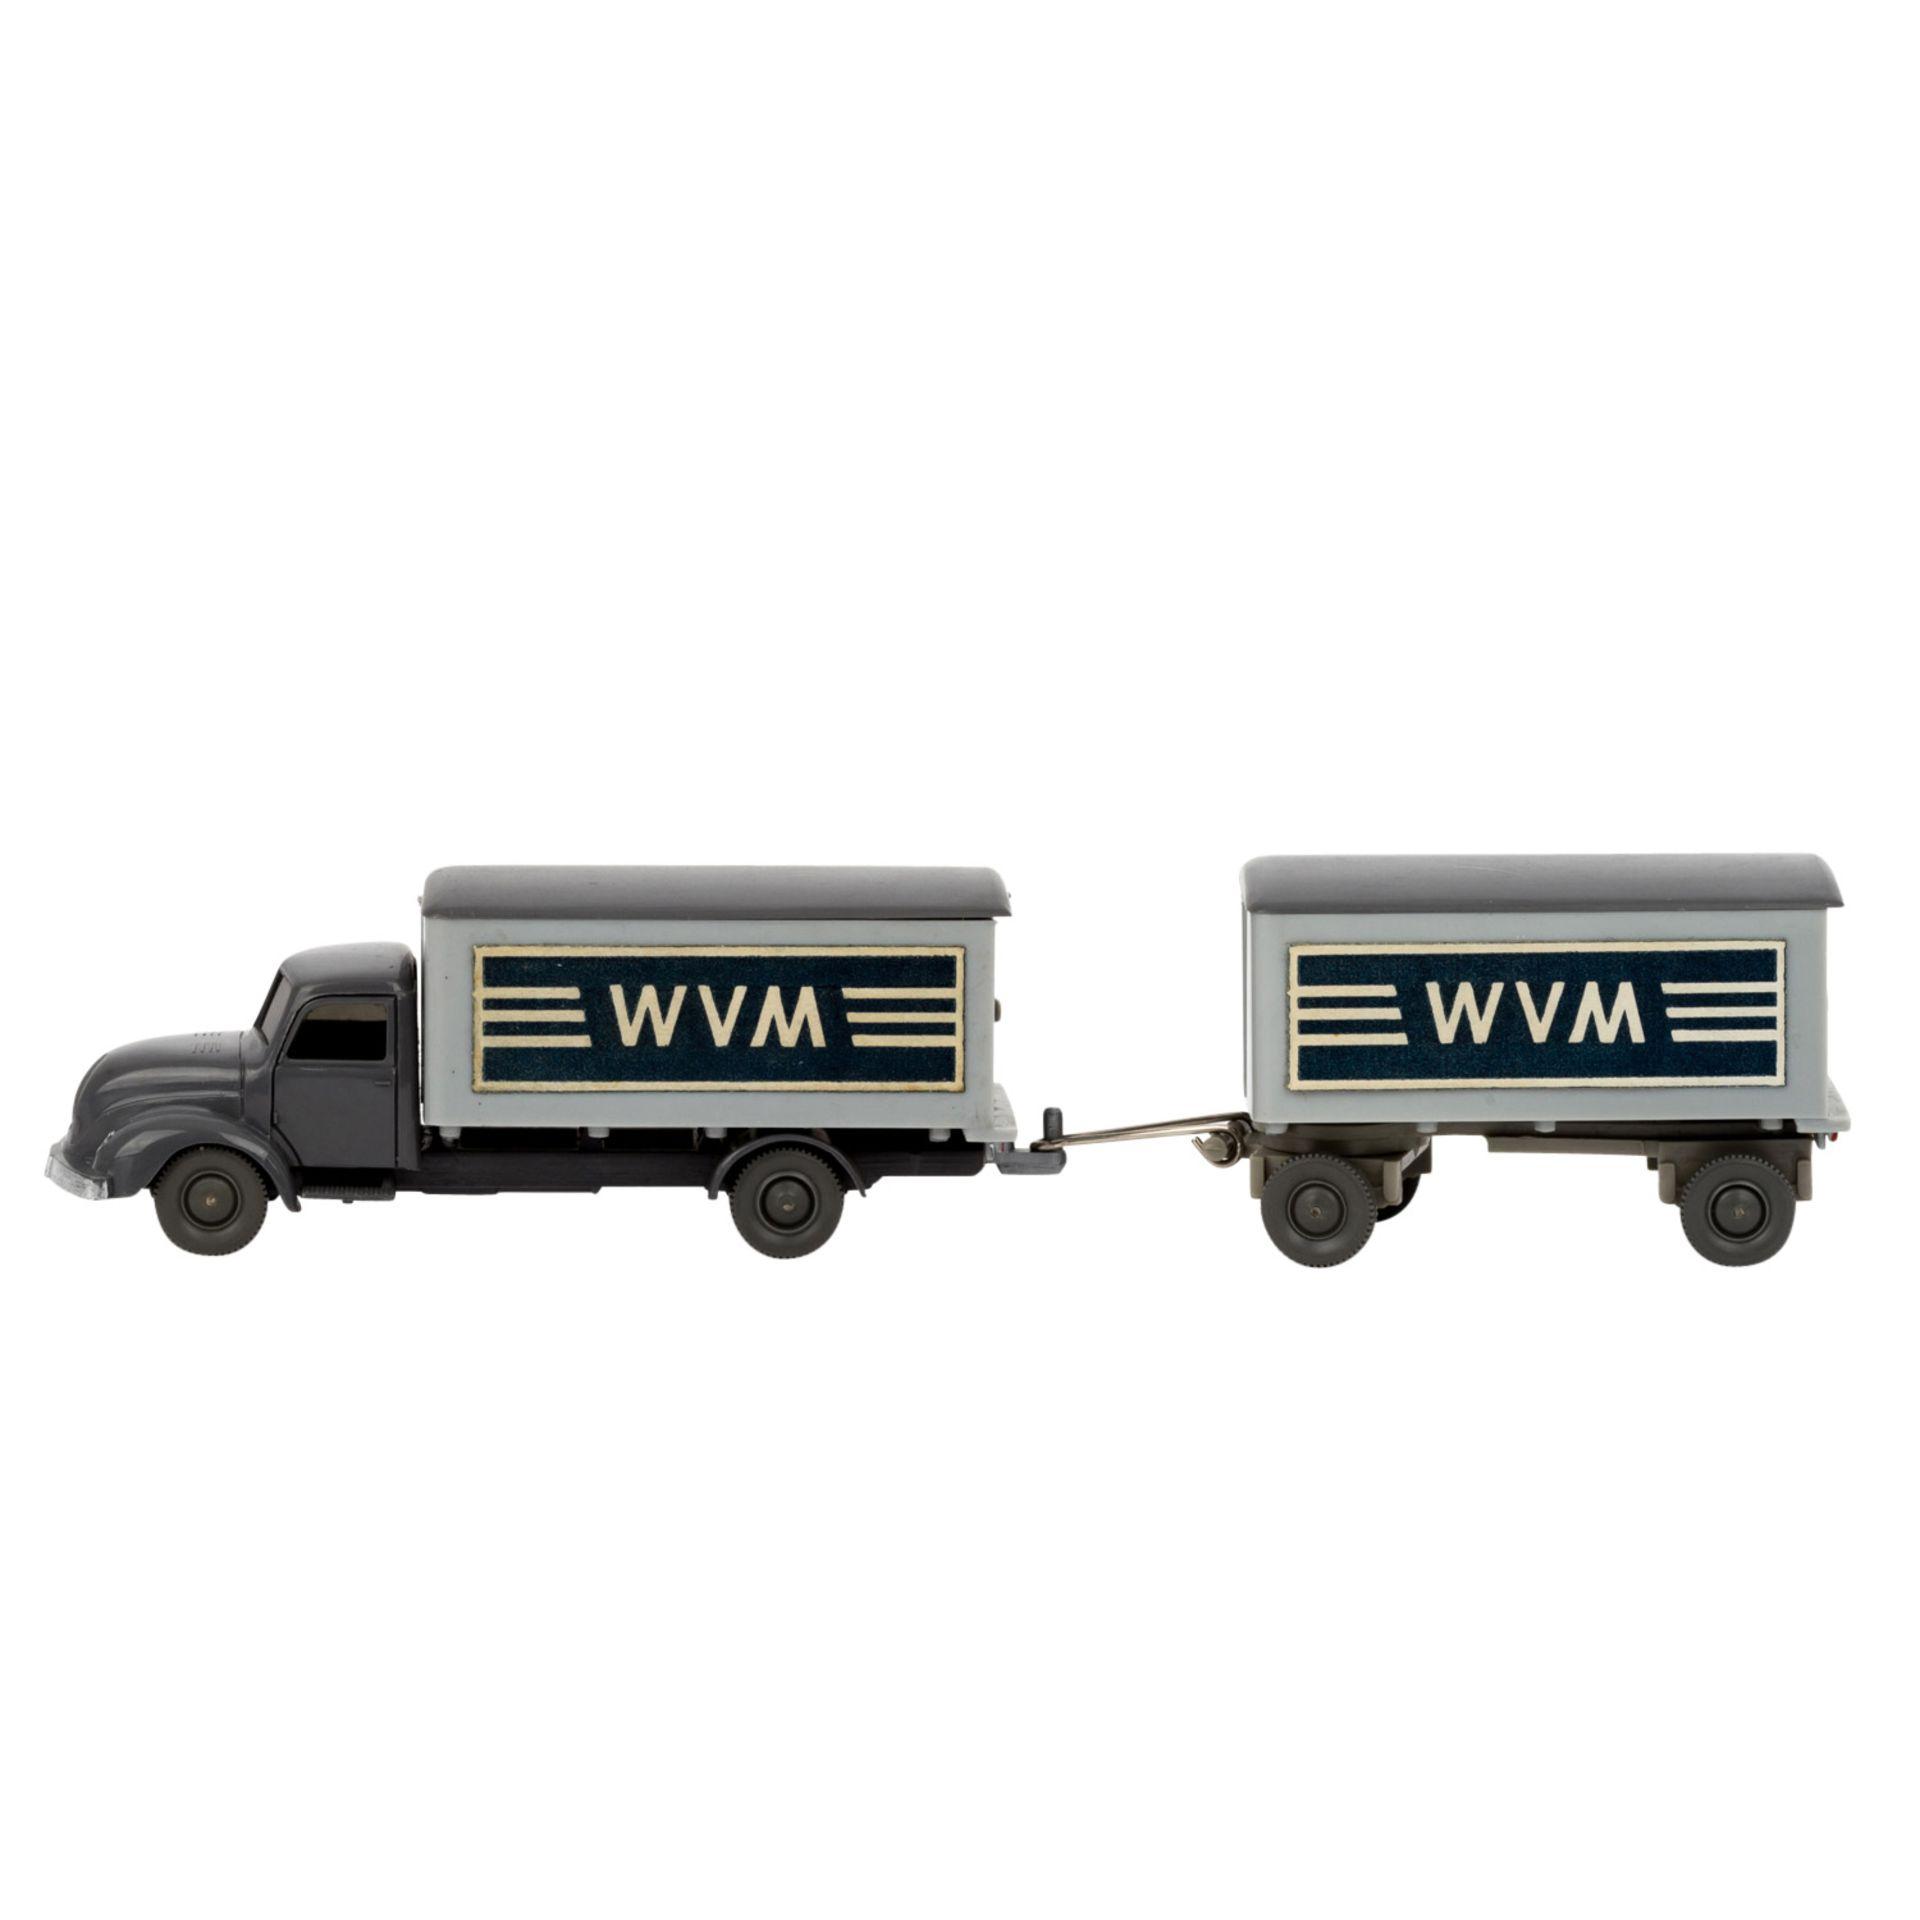 WIKING Magirus WVM, alter Koffer-LKW mit Anhänger 1961-62,LKW und Anhänger mit basal - Image 2 of 5